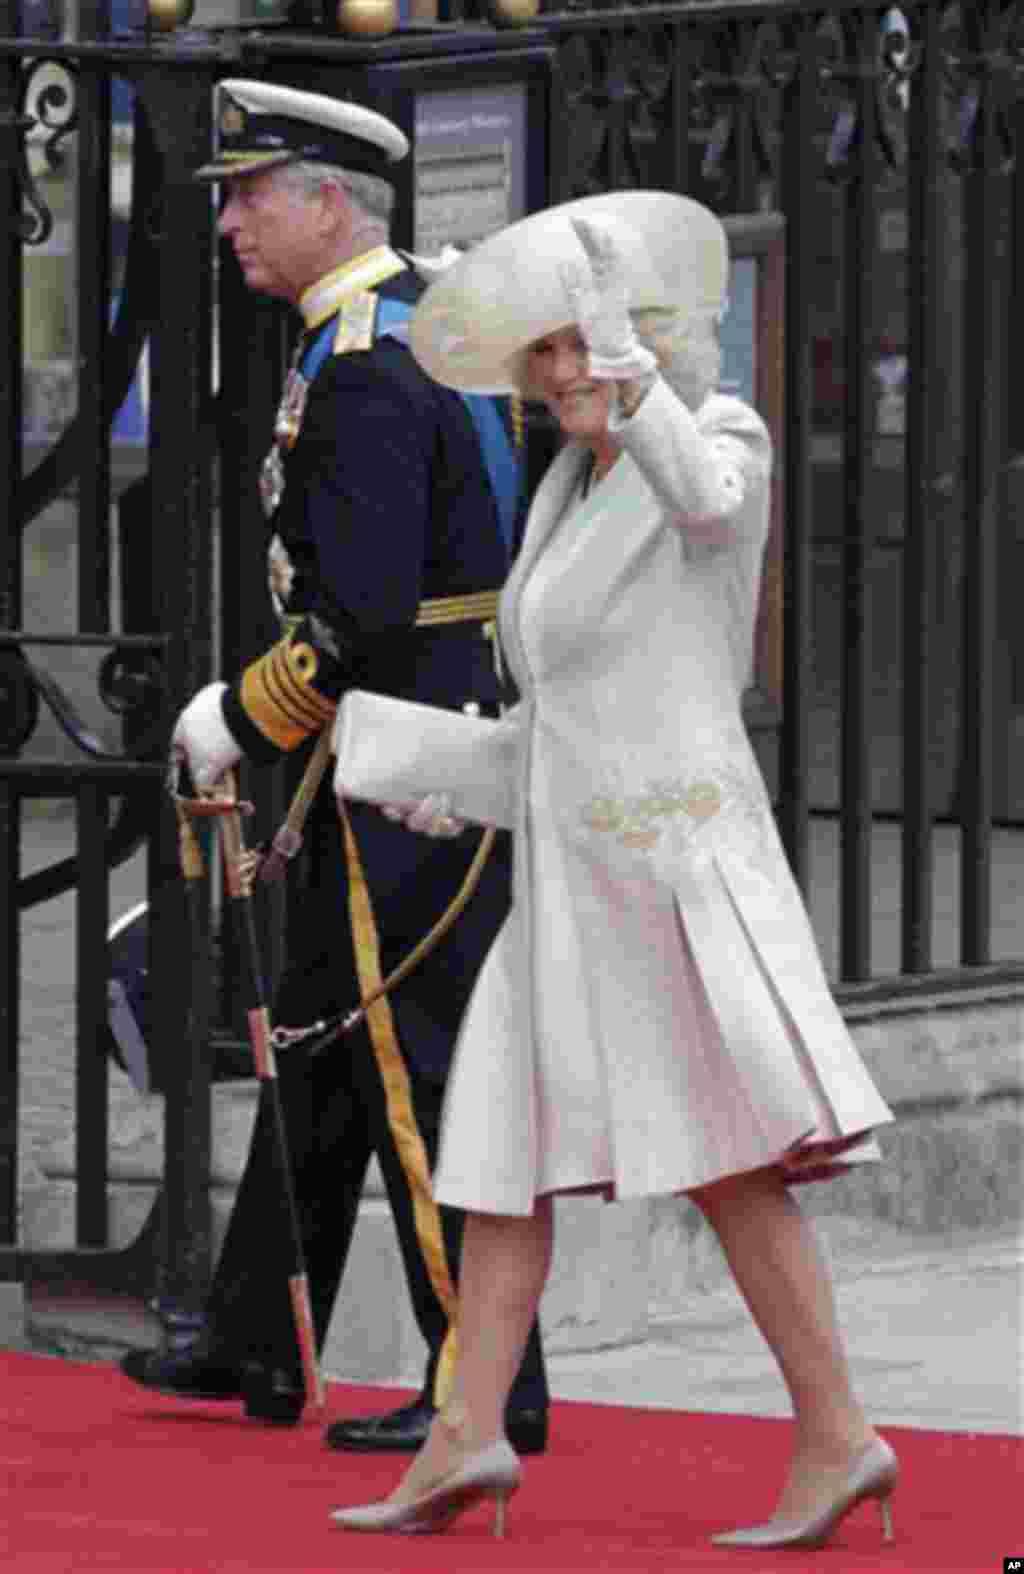 Британскиот принц Чарлс и сопругата Камила пристигнуваат на венчавката. (AP Photo/Gero Breloer)